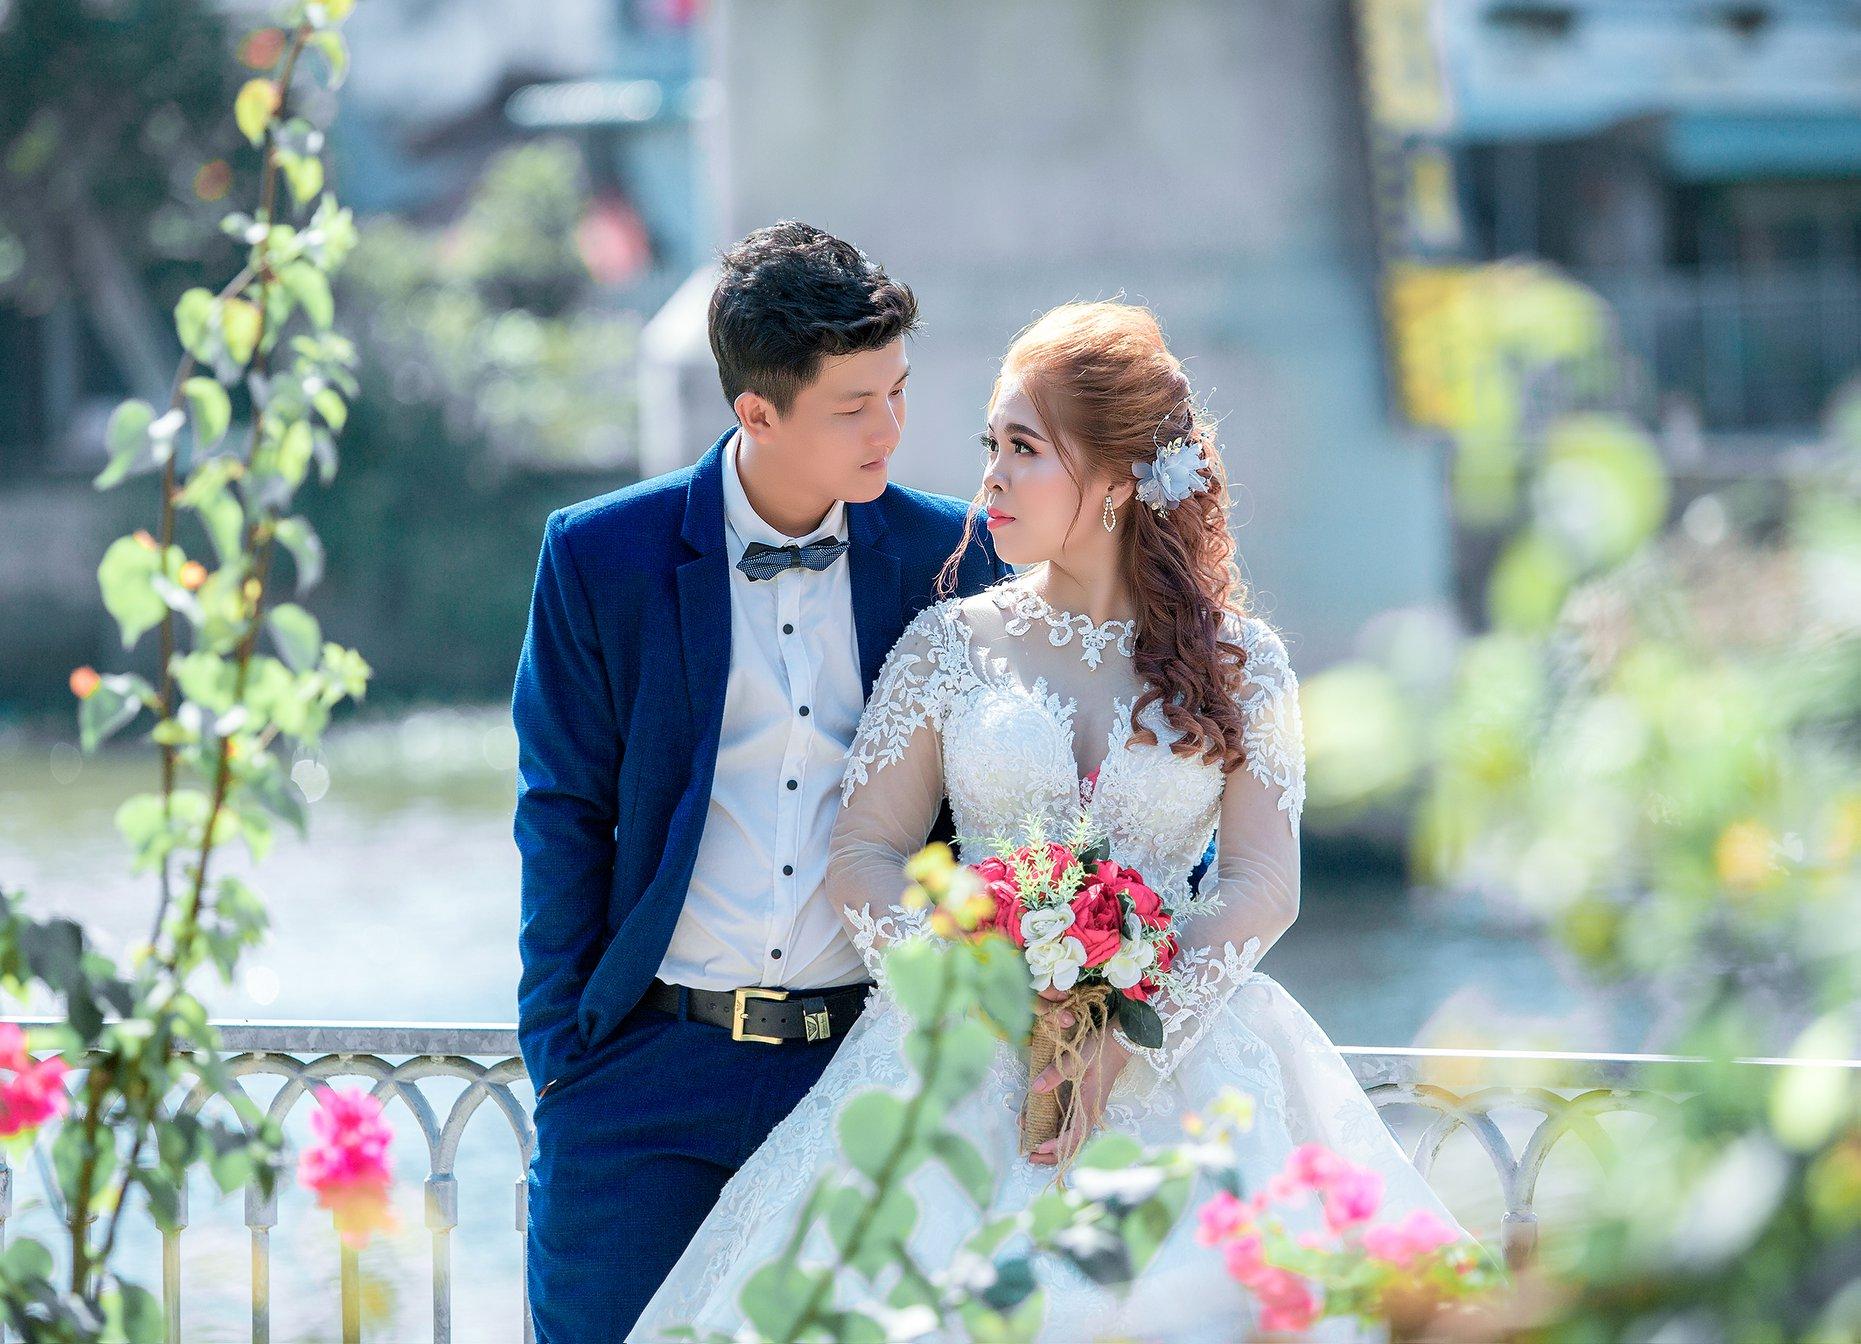 Xếp hạng 5 Studio chụp ảnh cưới đẹp, chuyên nghiệp nhất Đồng Tháp - Beauty Salon Thúy Loan